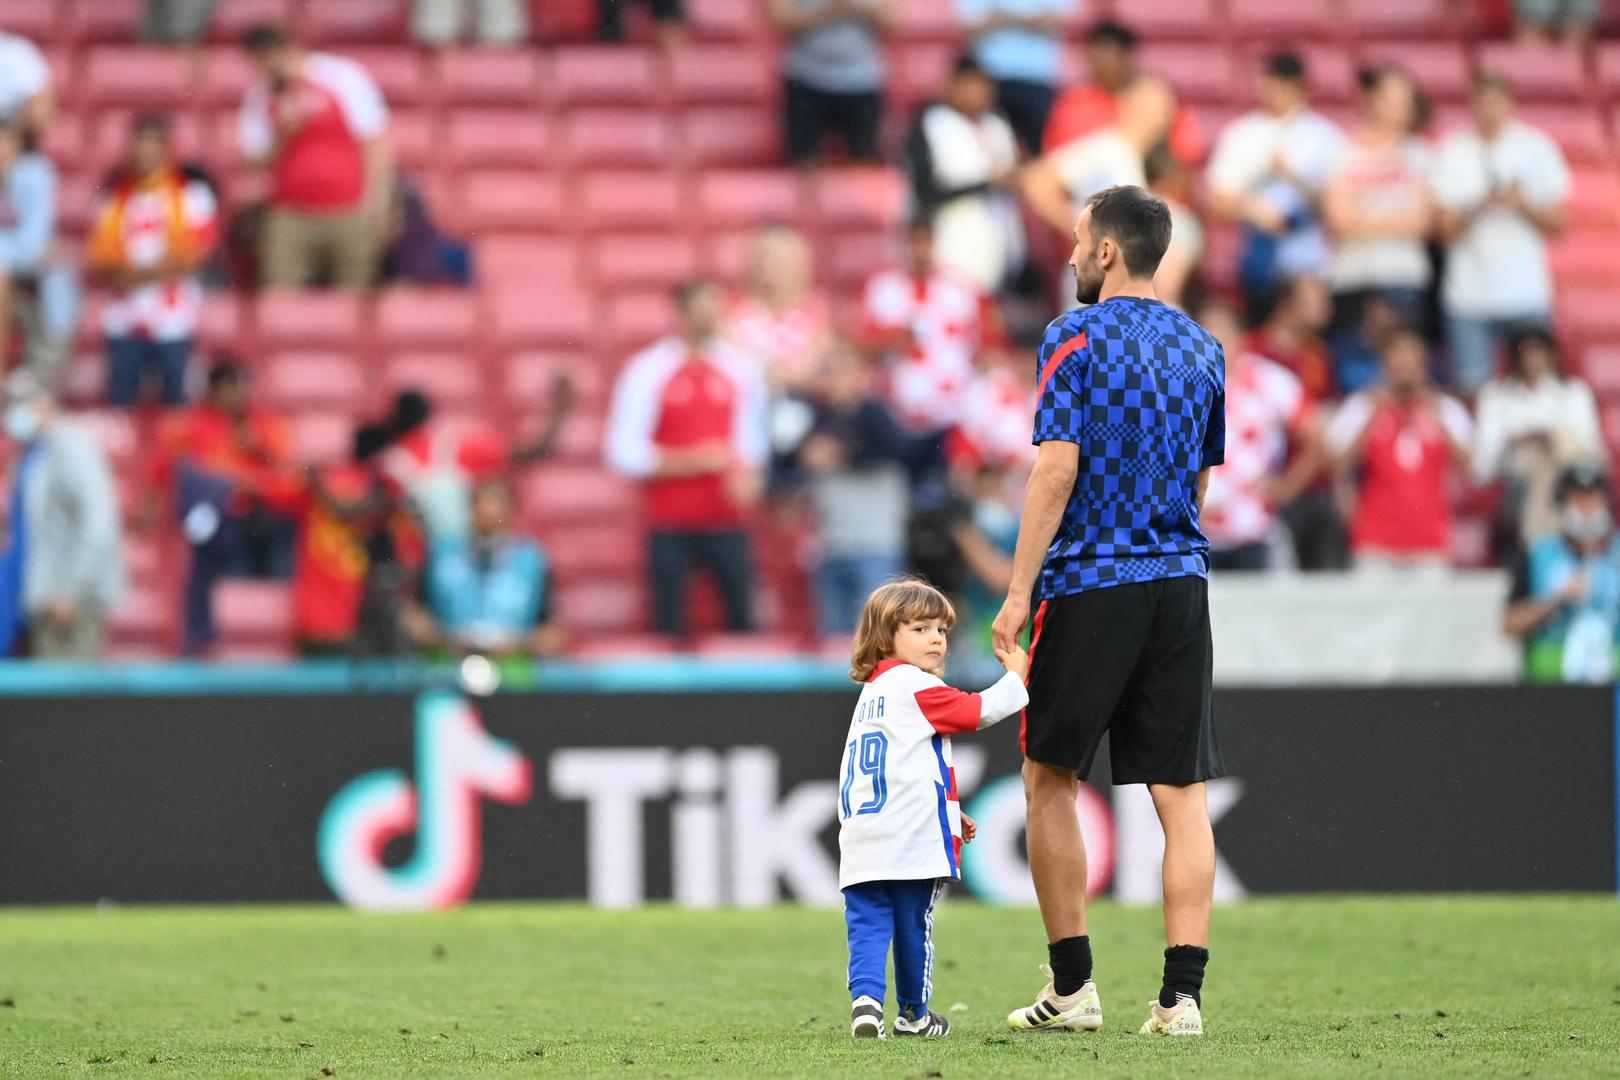 لاعب يتخلى عن ملابسه في الملعب من أجل الجمهور بكأس أوروبا